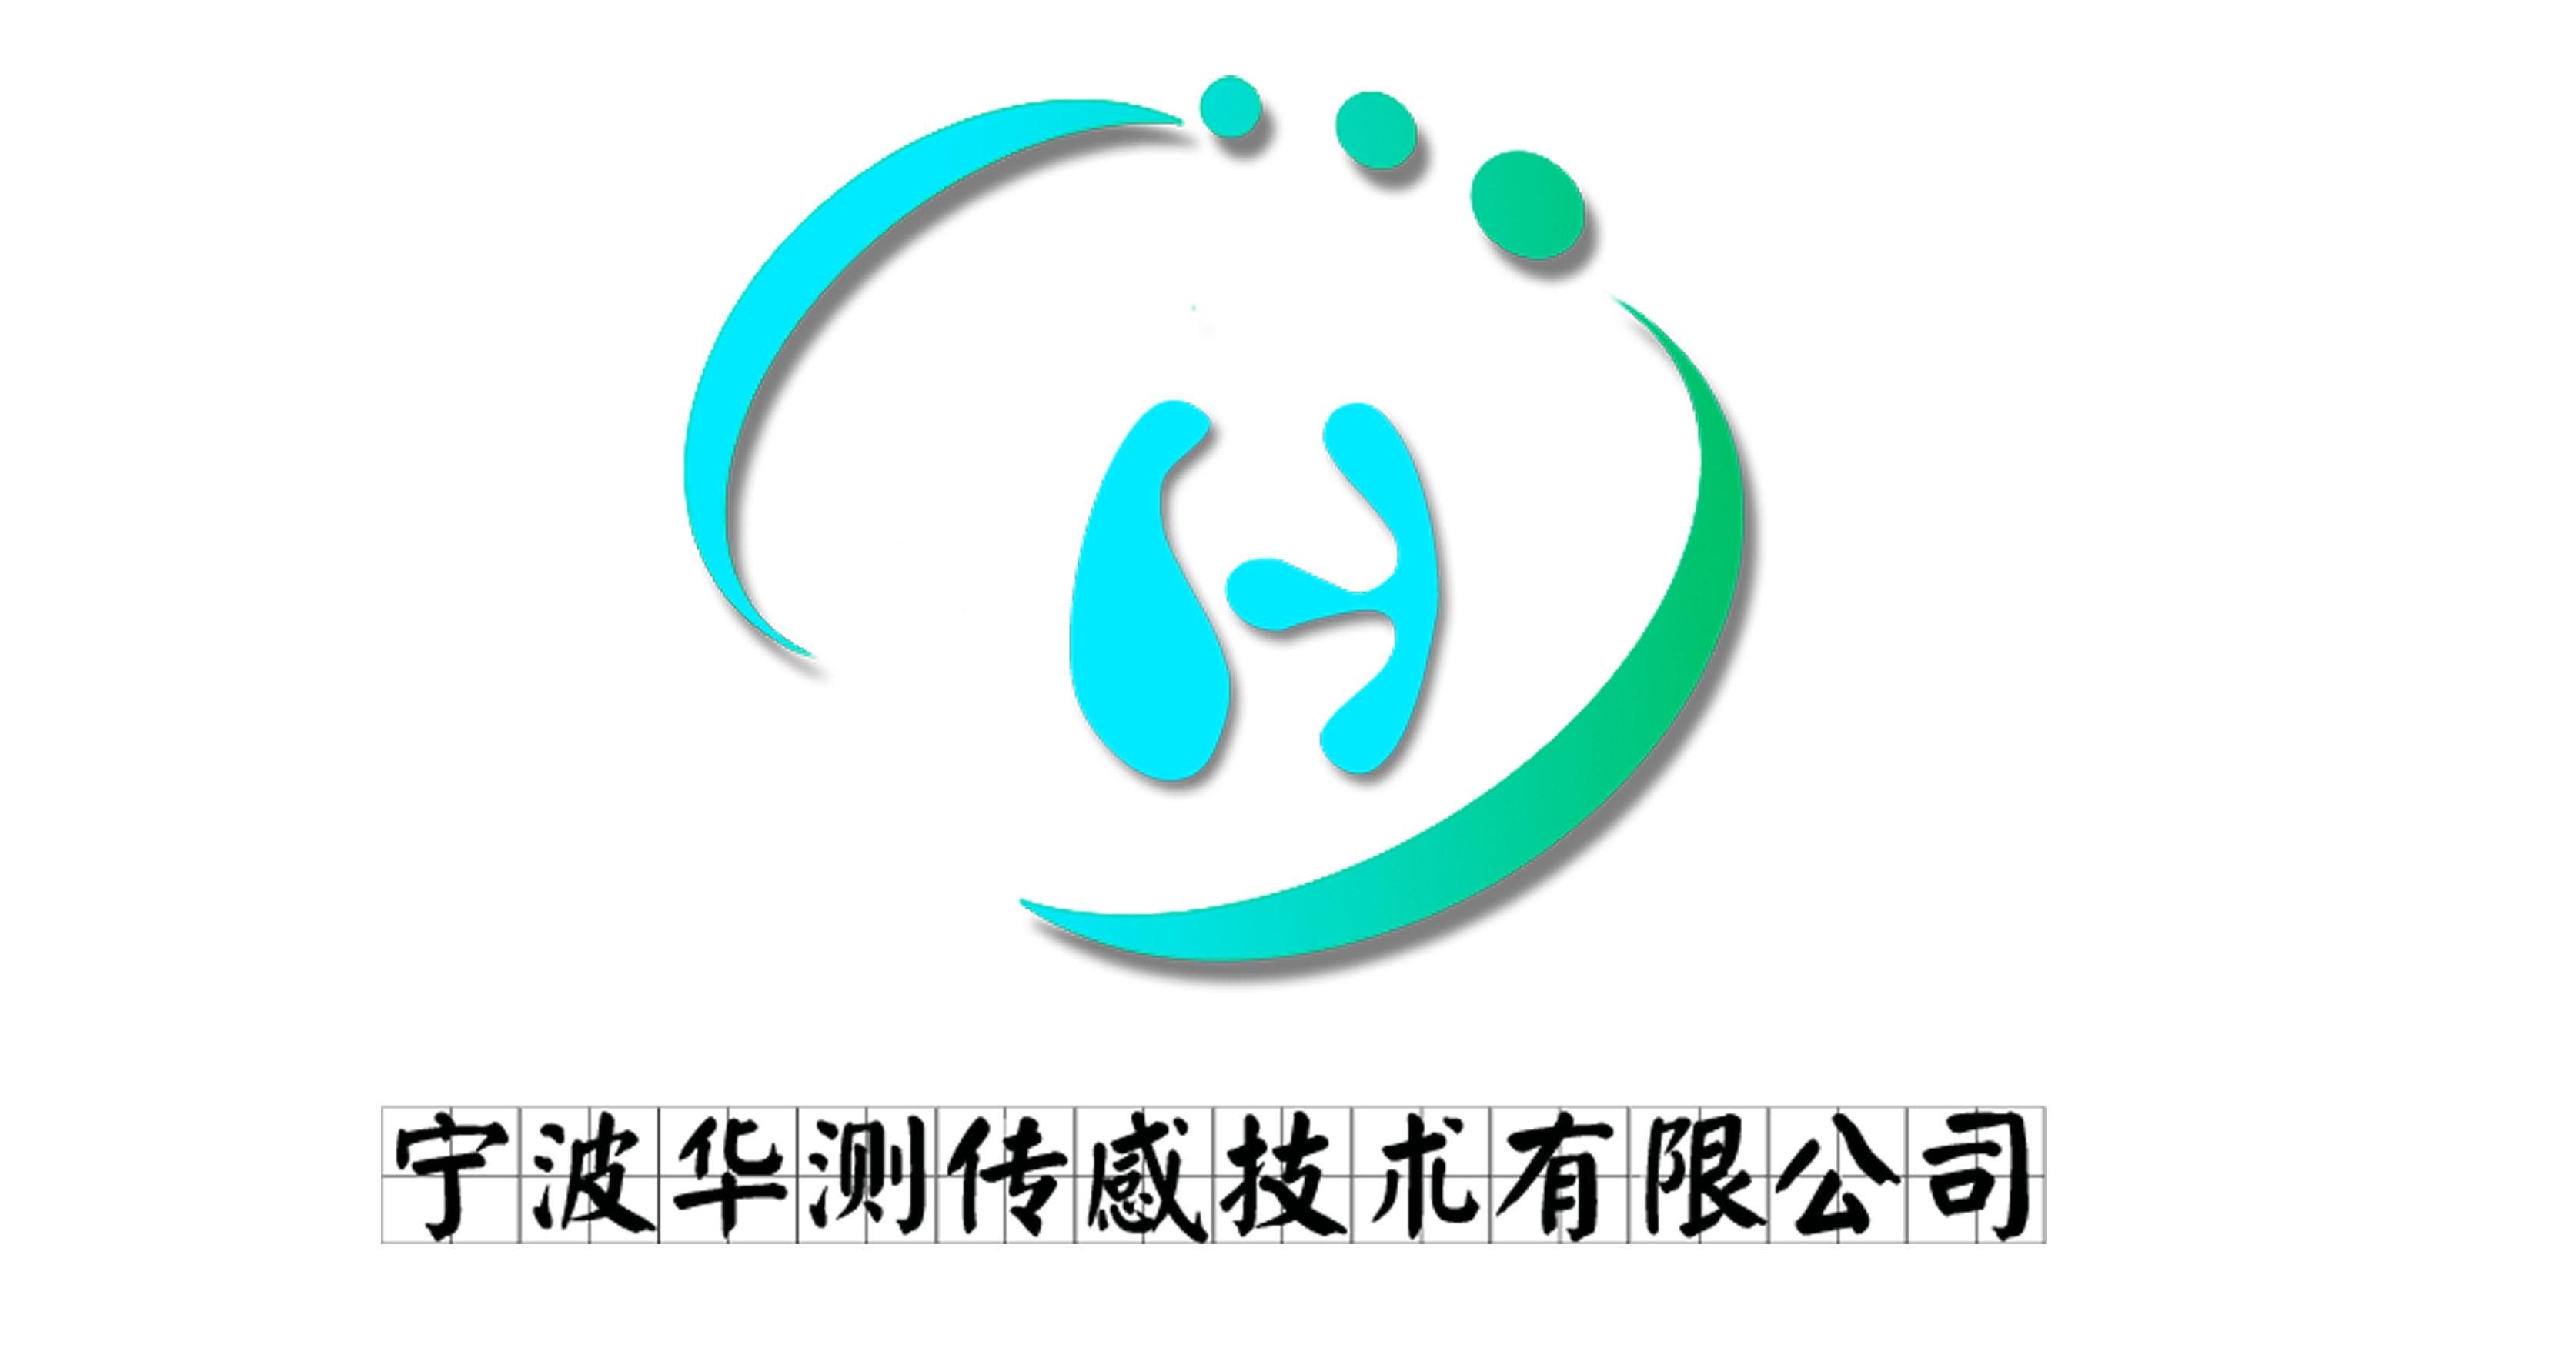 宁波华测传感技术有限公司标志设计 600元 威客任务 编号18016